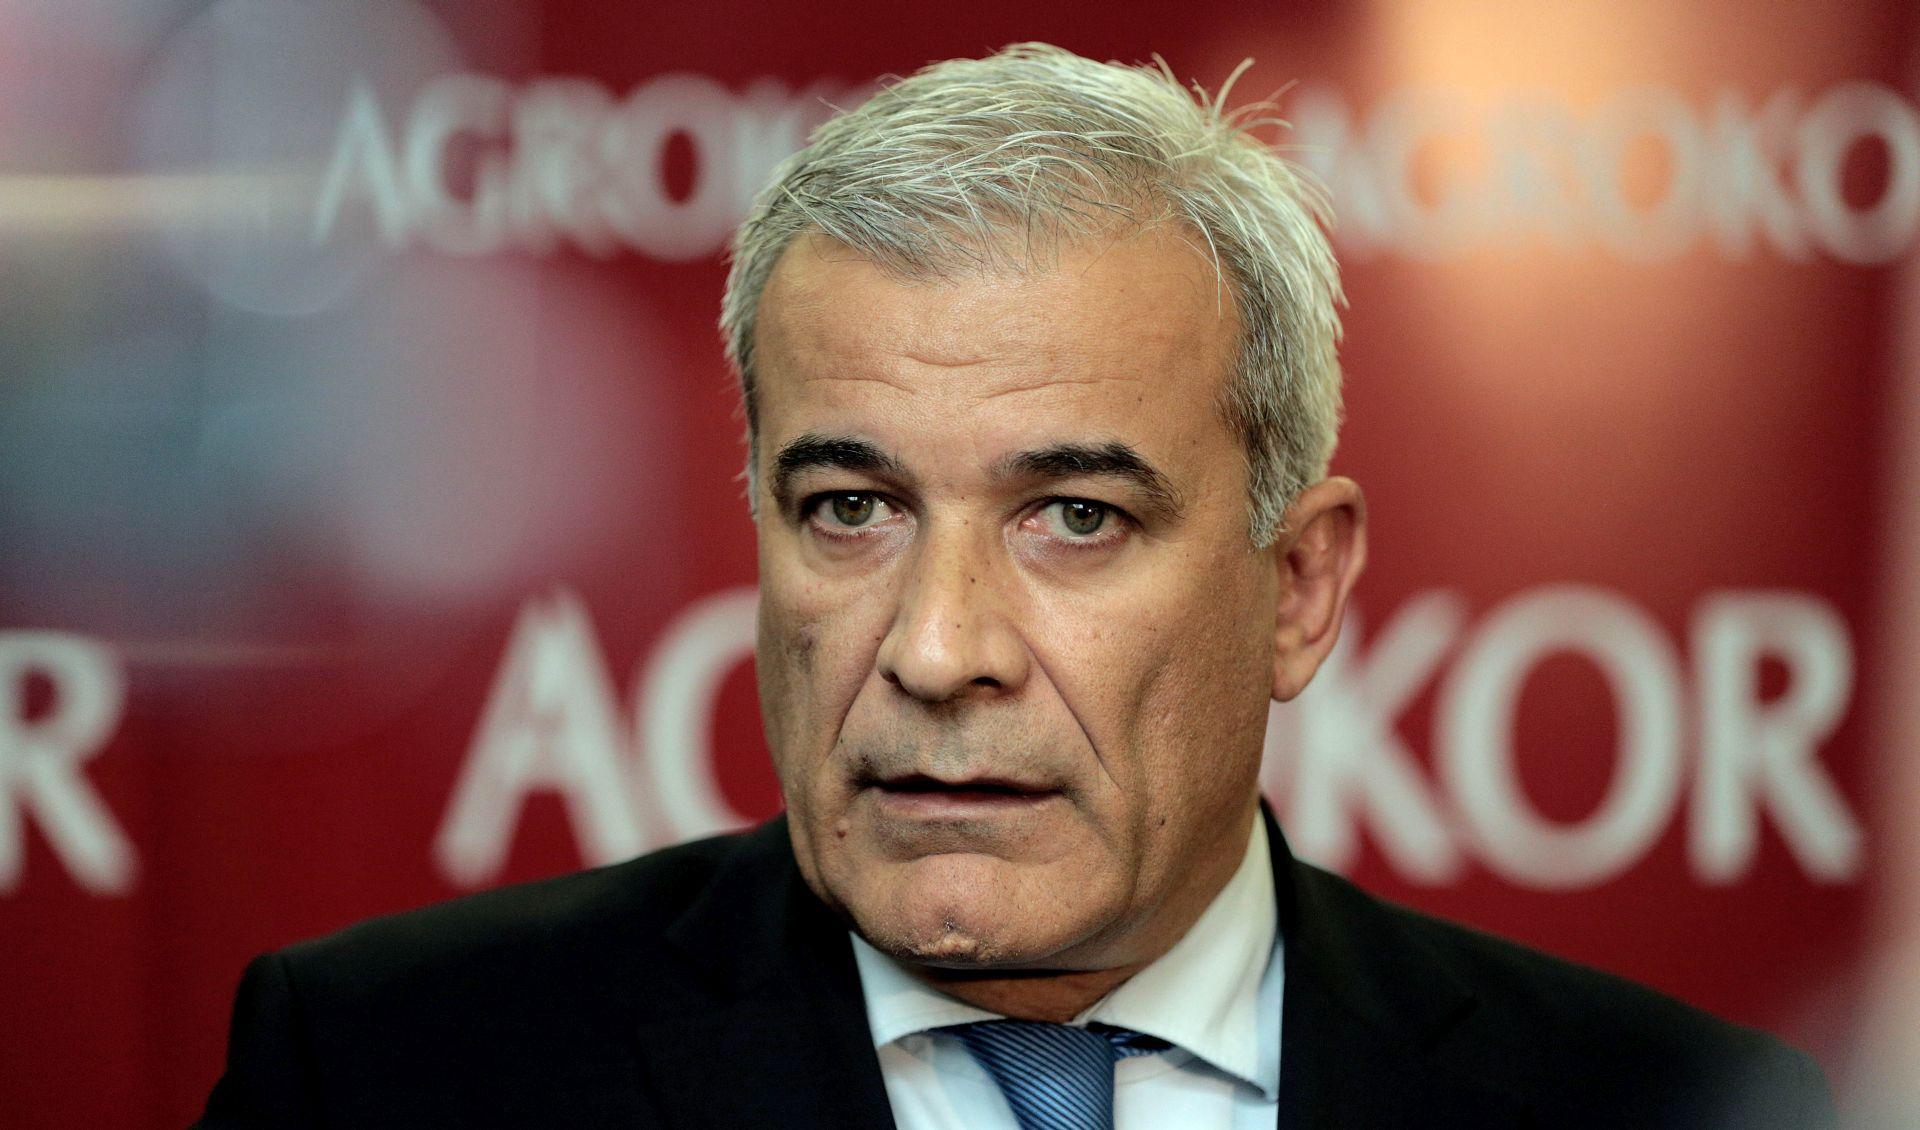 ČELNIK SBERBANKA 'Ramljakova odluka je ucjena'